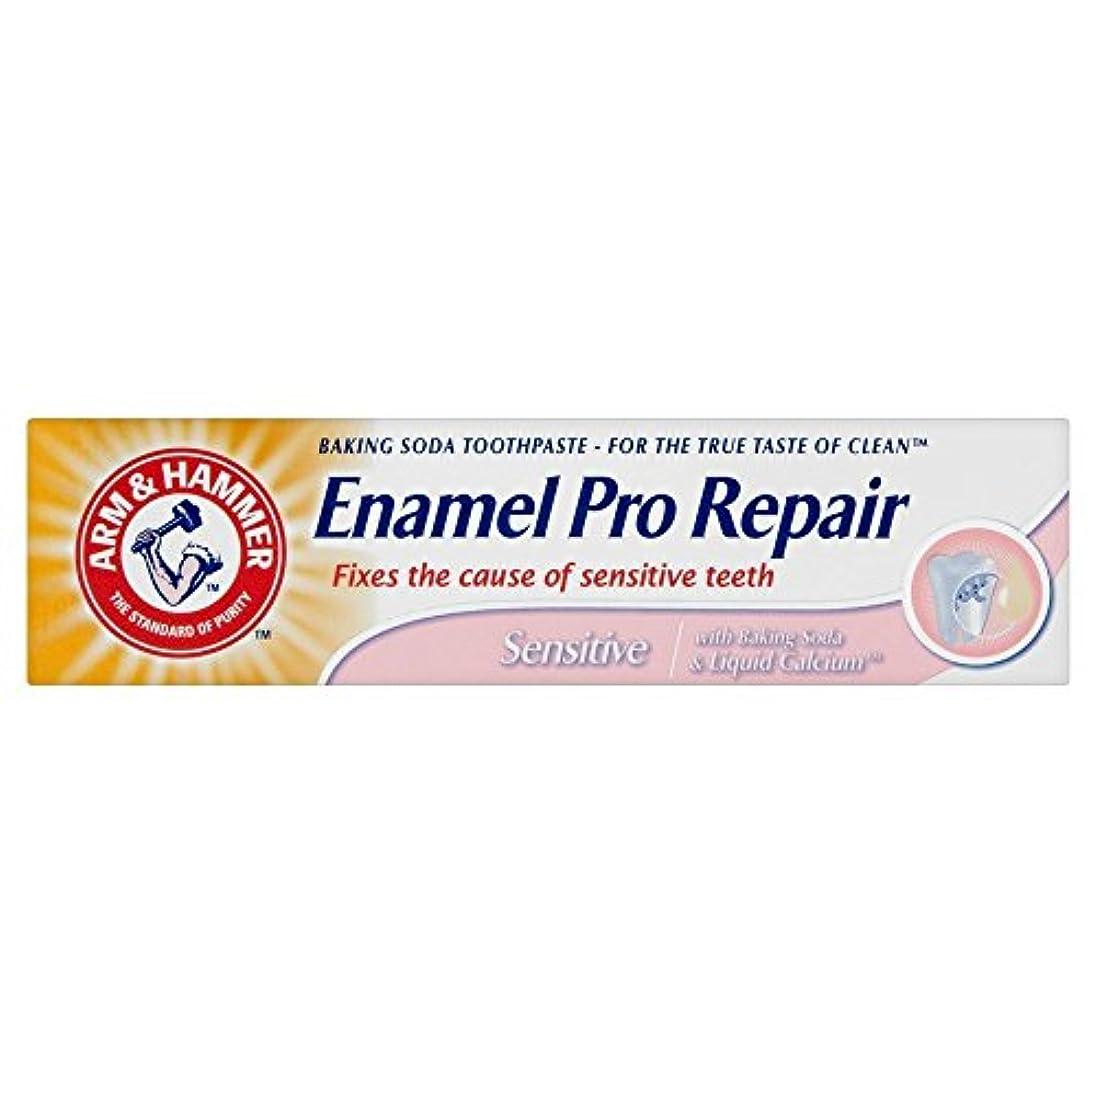 死マンハッタンArm & Hammer Enamel Care Sensitive Toothpaste Tube (75ml) アームとハンマーエナメルケア敏感歯磨き粉のチューブ( 75ミリリットル) [並行輸入品]